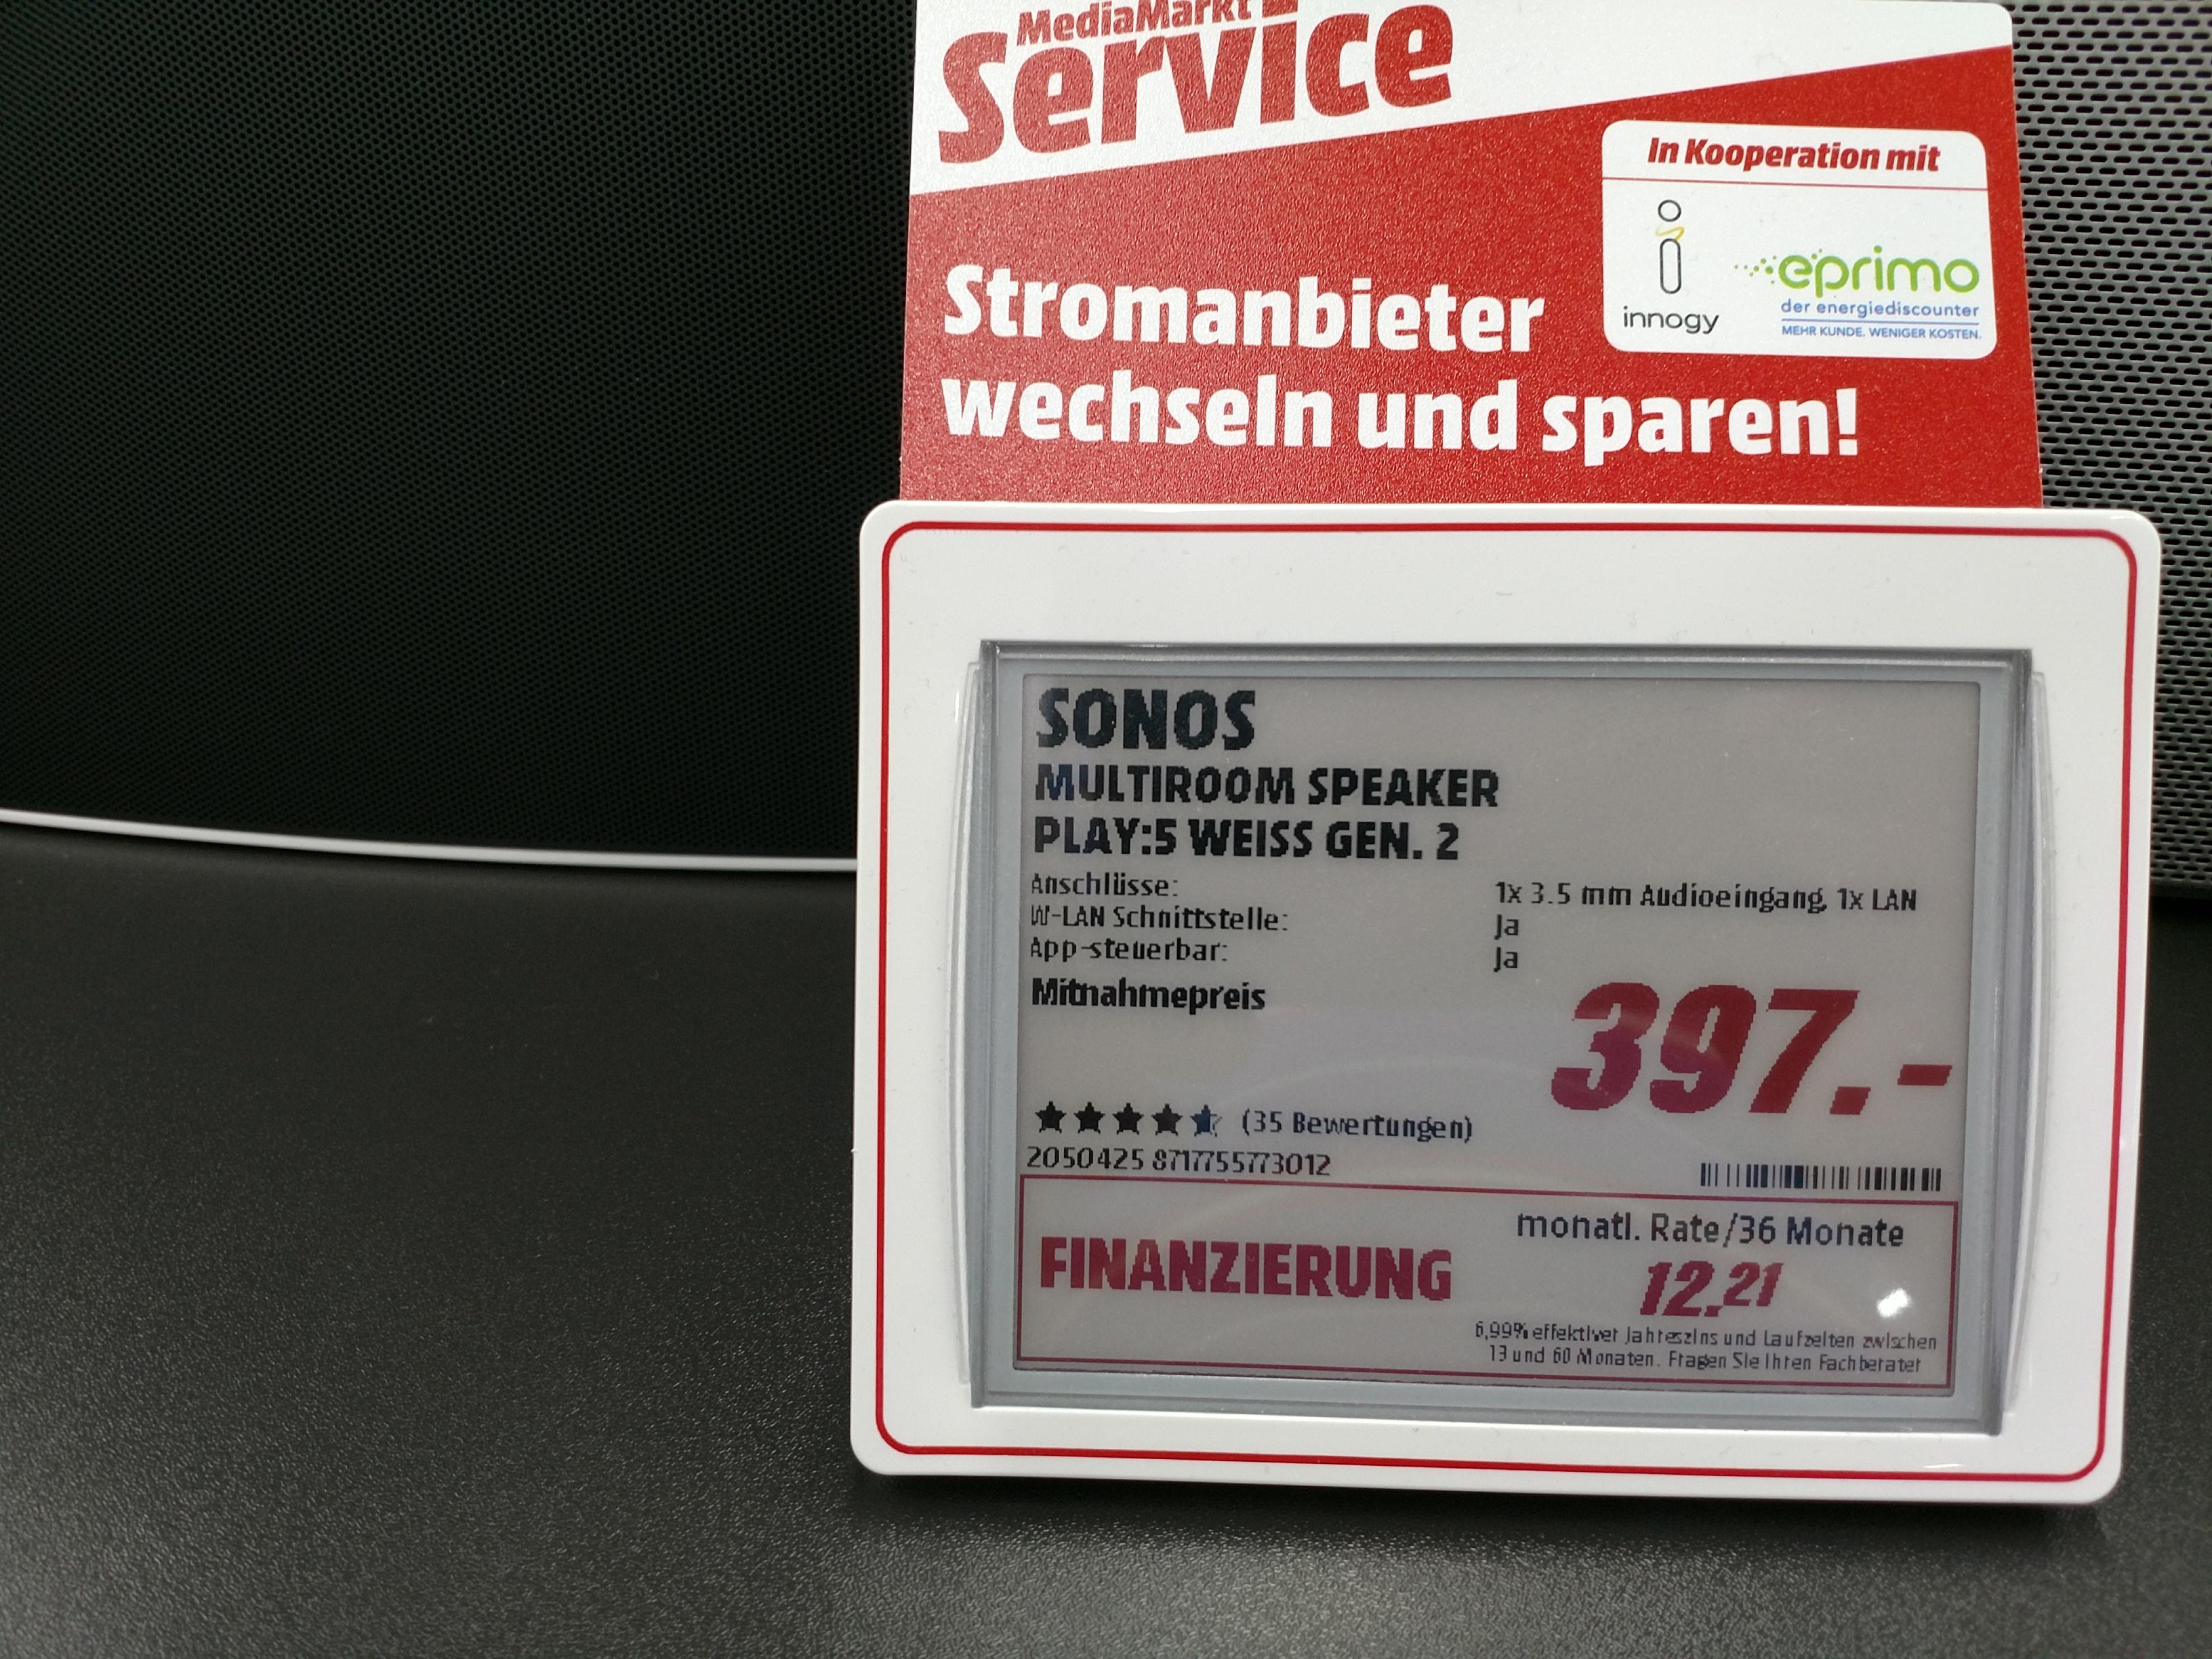 Lokal MM Böblingen Sonos Play 5 - 397 Euro, Sonos Play 3 - 222 Euro, Sonos Playbase - 557 Euro